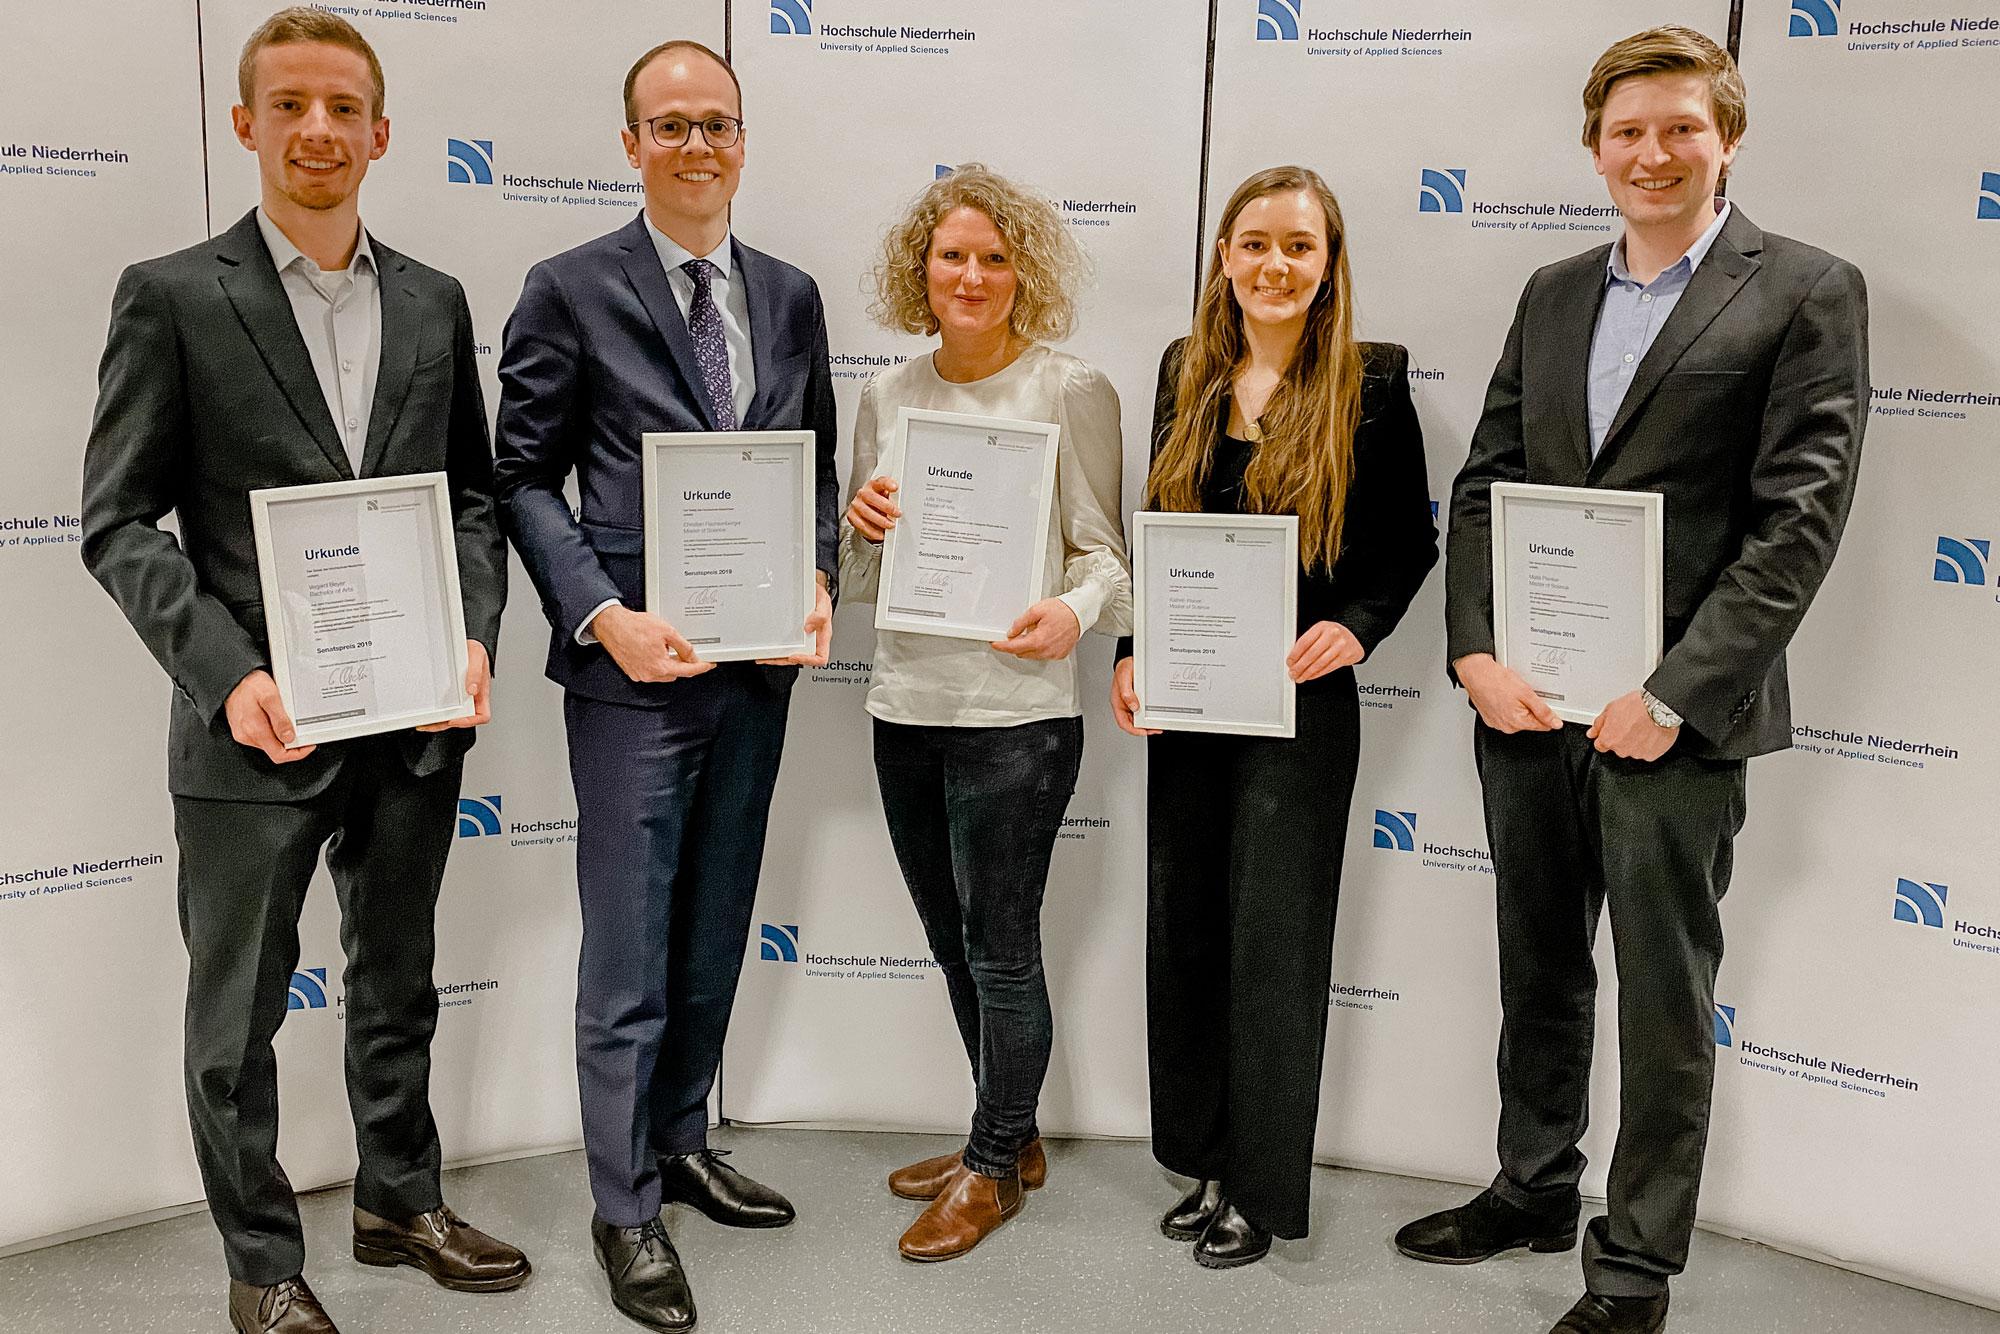 Die Preisträgerinnen und Preisträger des Senatspreises 2019: (vlnr.) Vegard Beyer, Christian Flachsenberg, Julia Timmer, Kathrin Weber und Malte Plenker. (Foto: Hochschule Niederrhein)